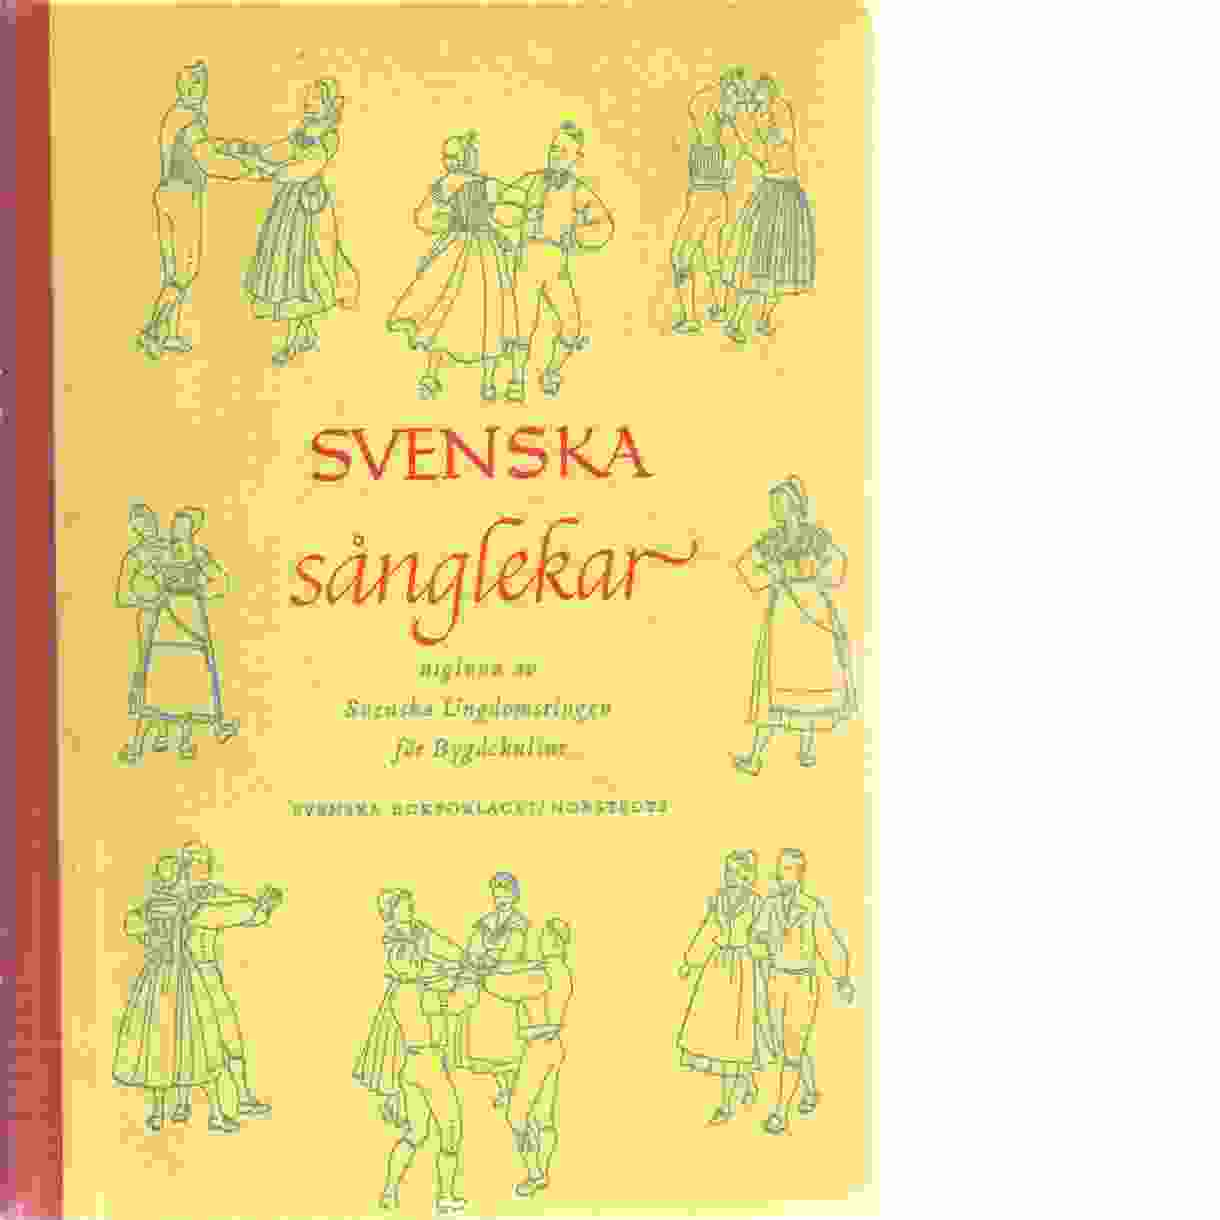 Svenska sånglekar  - Red. Svenska ungdomsringen för bygdekultur